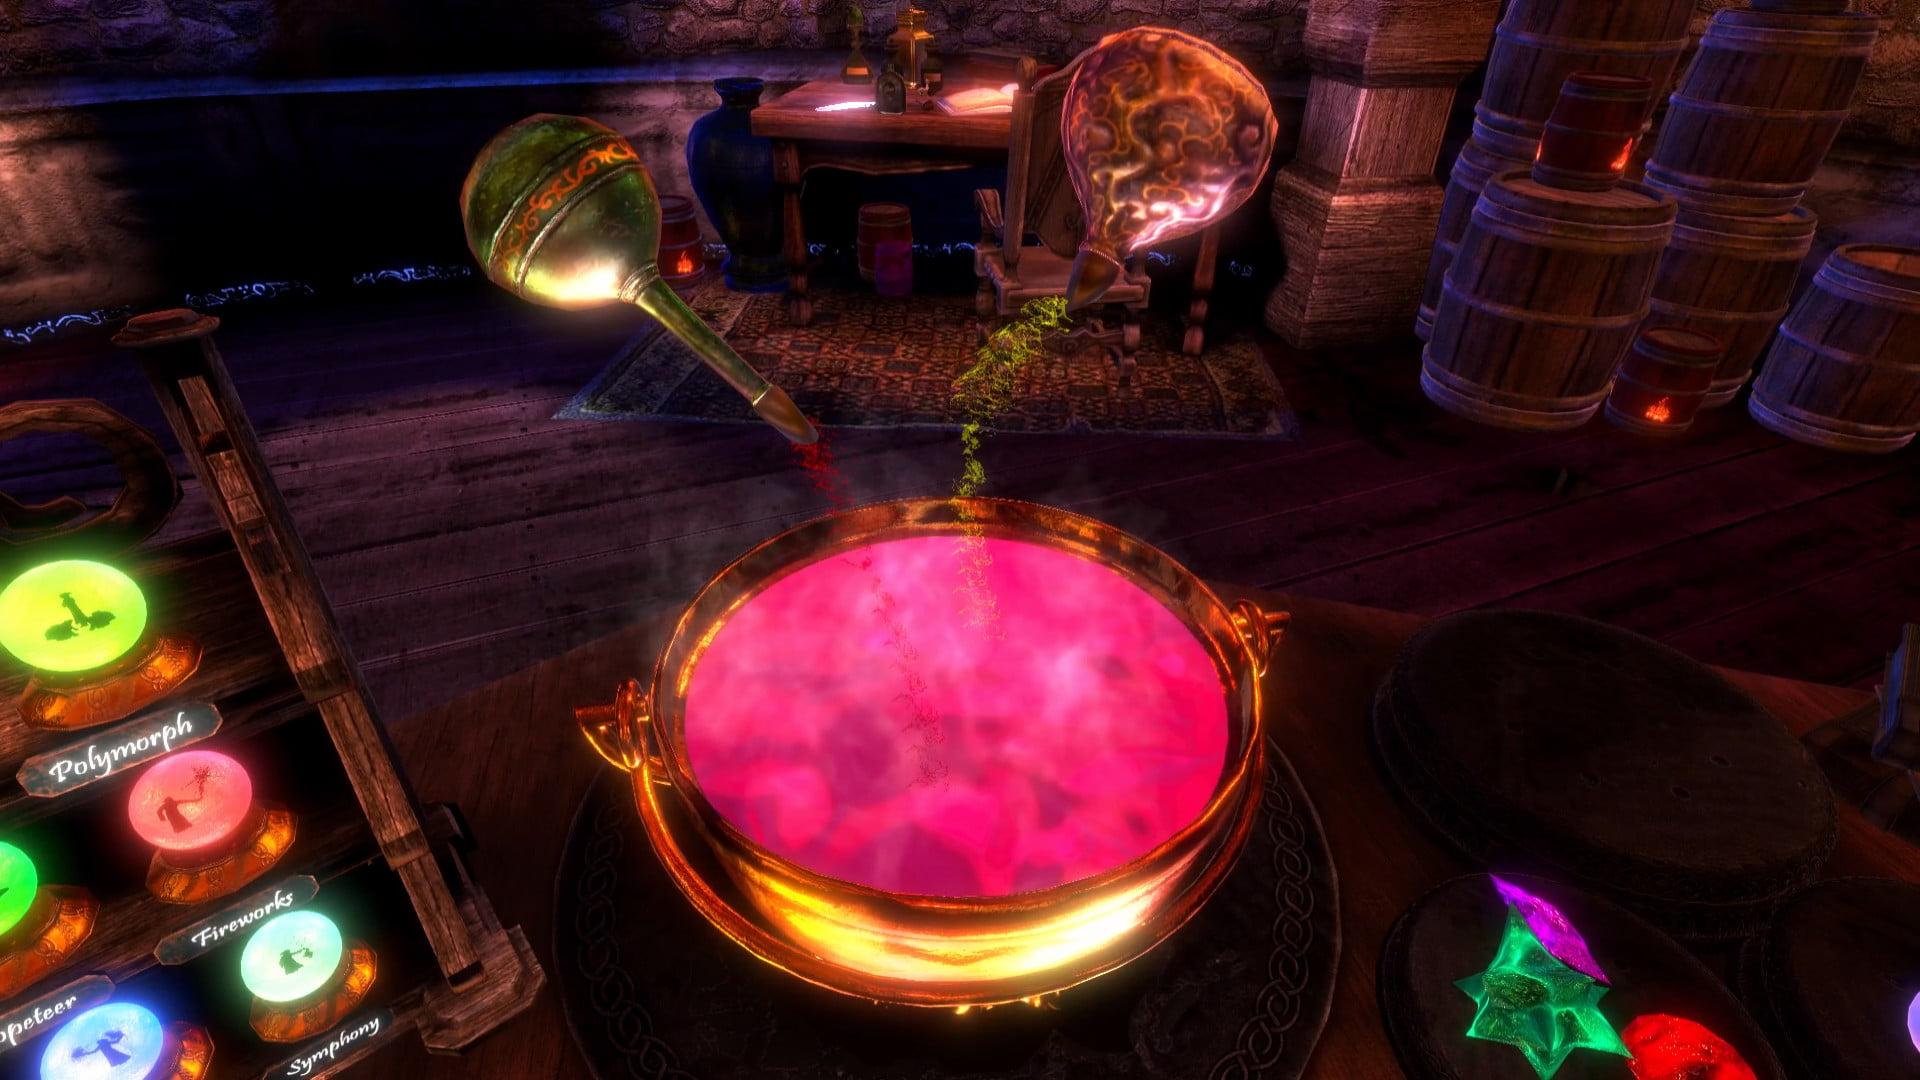 Zwei Fläschchen kippen eine Tinktur in den zauberkessel im VR-Spiel Waltz of the Wizard